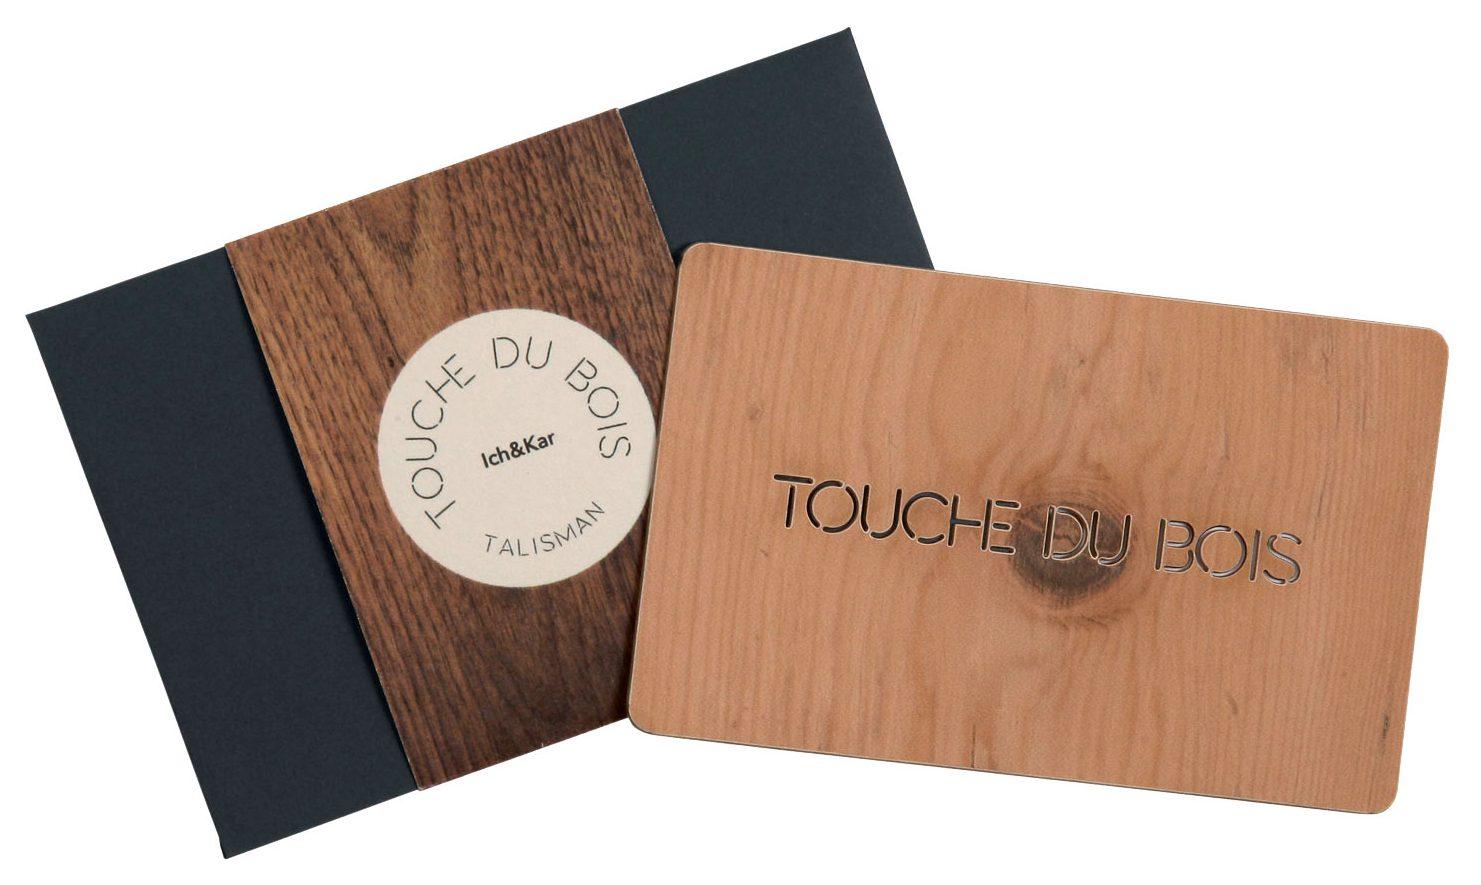 Talisman touche du bois knock on wood, petite carte porte bonheur à glisser dans nos sacs ou portefeuilles. Une création Ich et Kar.